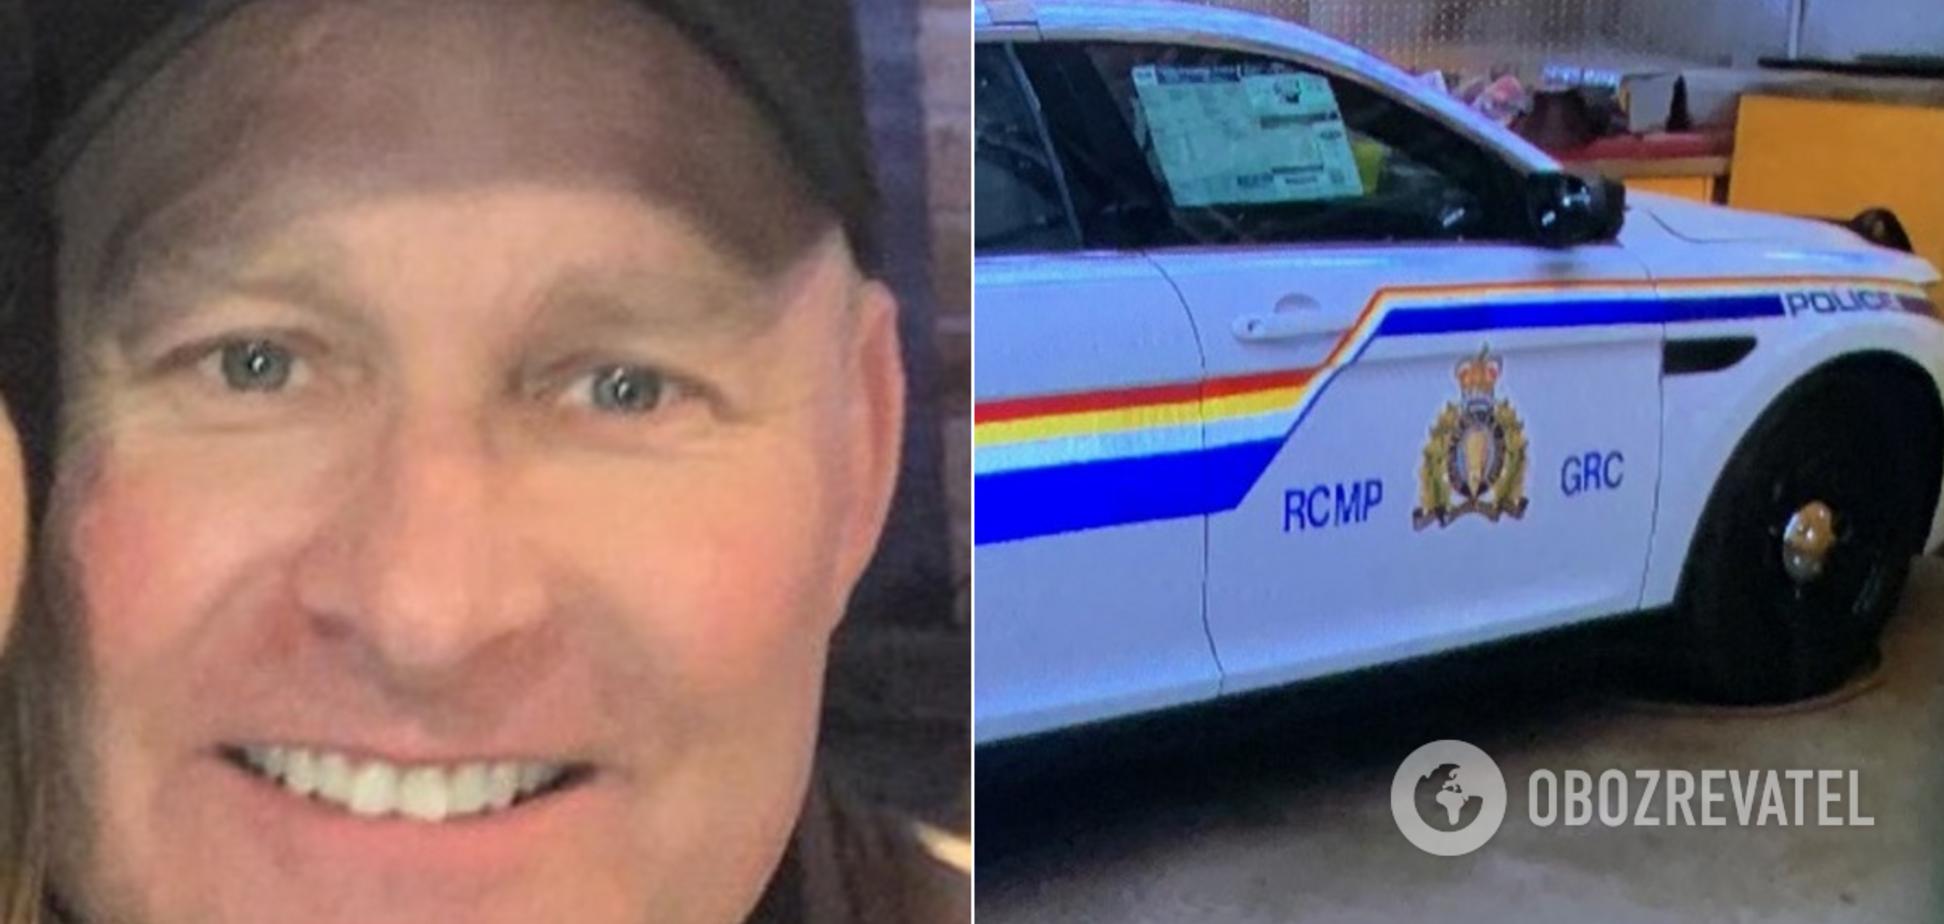 Самое массовое убийство в истории потрясло Канаду: кровавые подробности